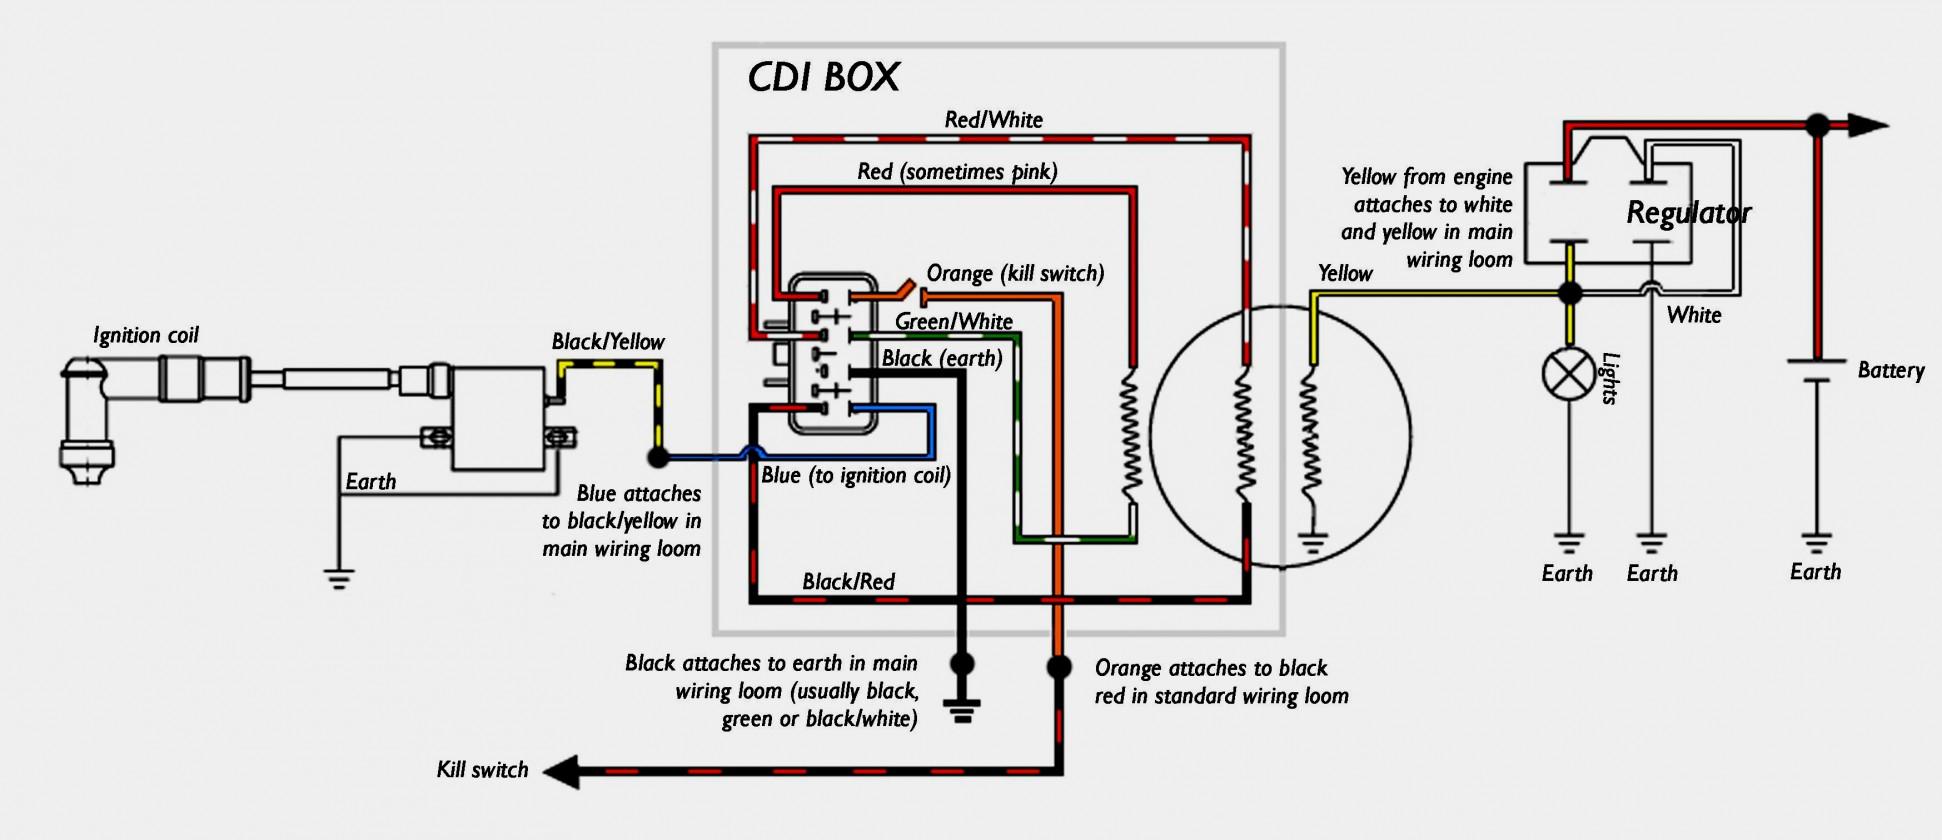 Honda Cdi Box Wiring | Wiring Diagram - 6 Pin Cdi Wiring Diagram